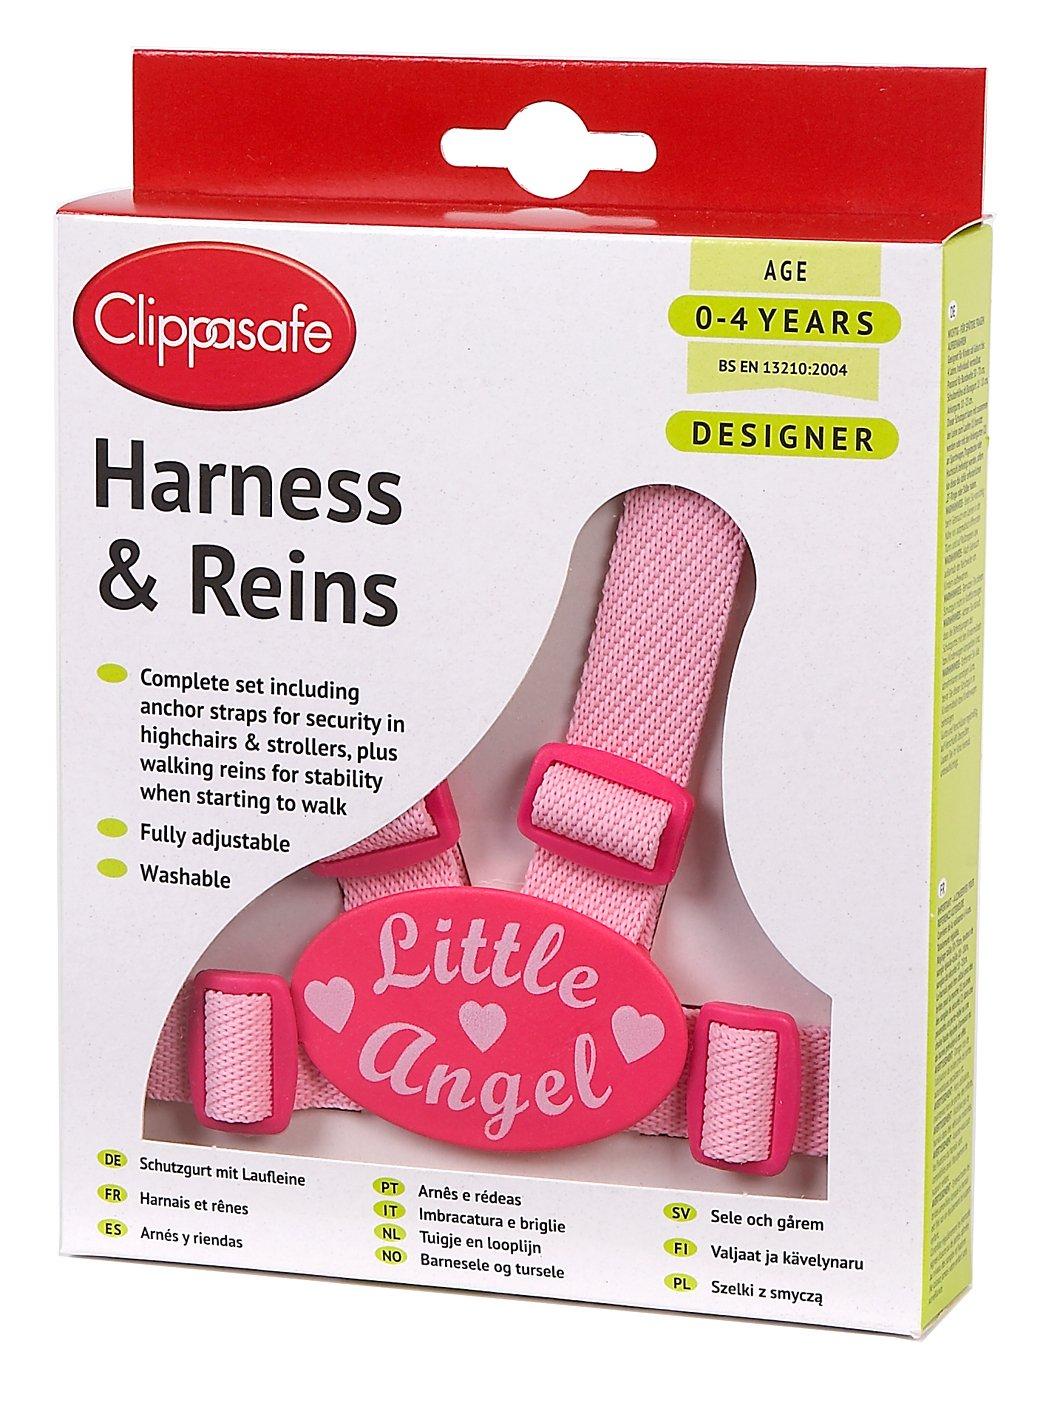 Clippasafe Schutzgurt - Kleiner Engel Clippasafe Ltd CL036